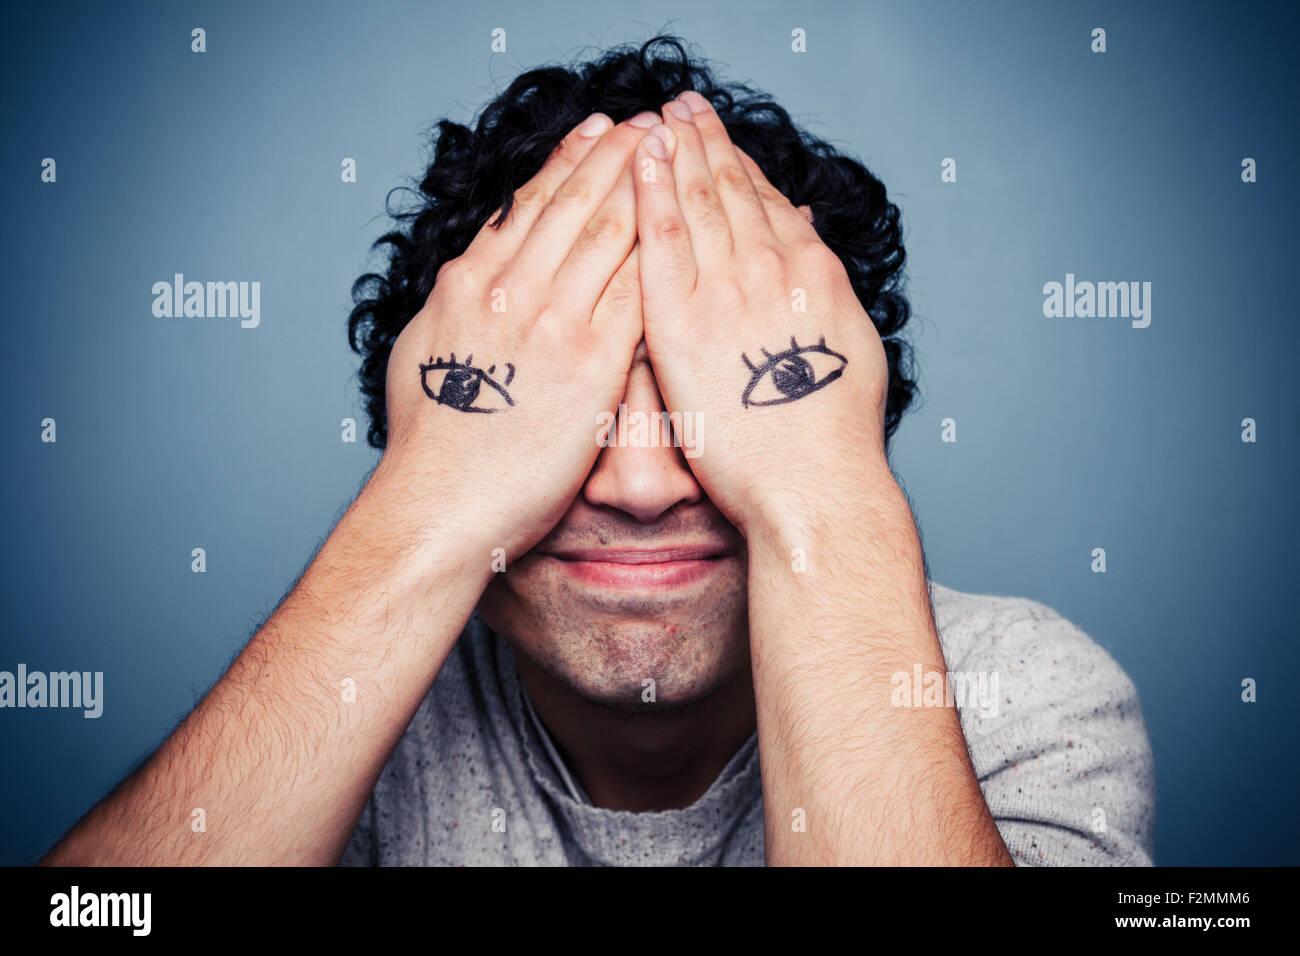 Jeune homme avec les yeux peints sur les mains Photo Stock